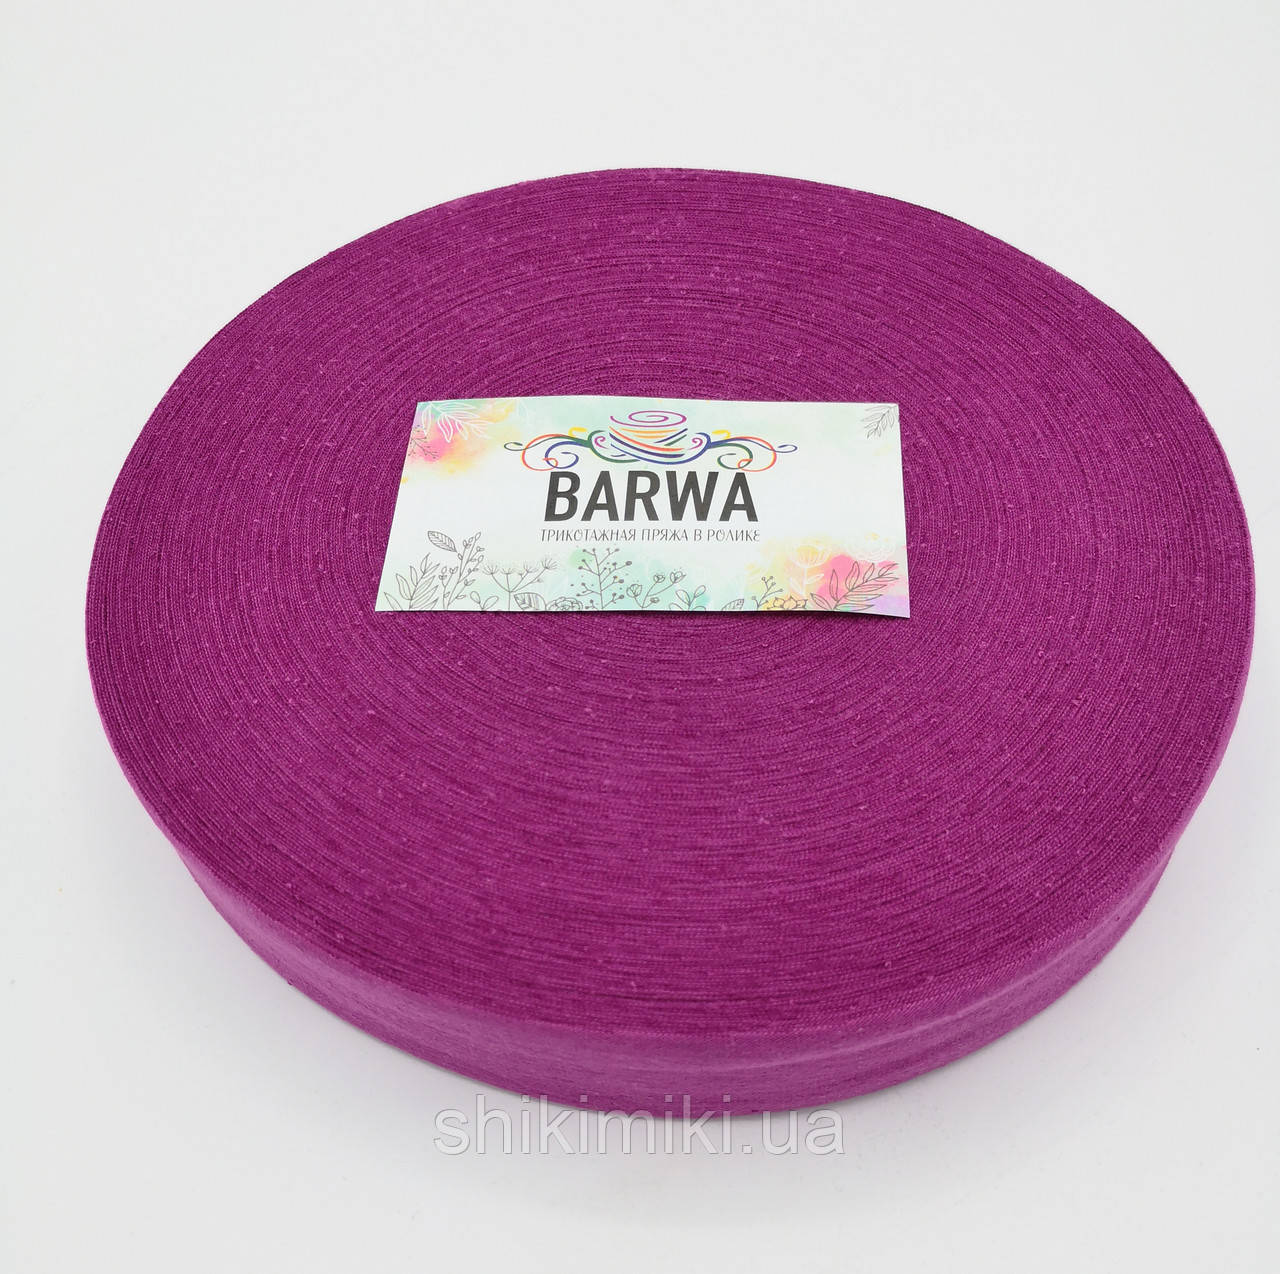 Трикотажная пряжа Barwa в роликах, цвет Ягодный